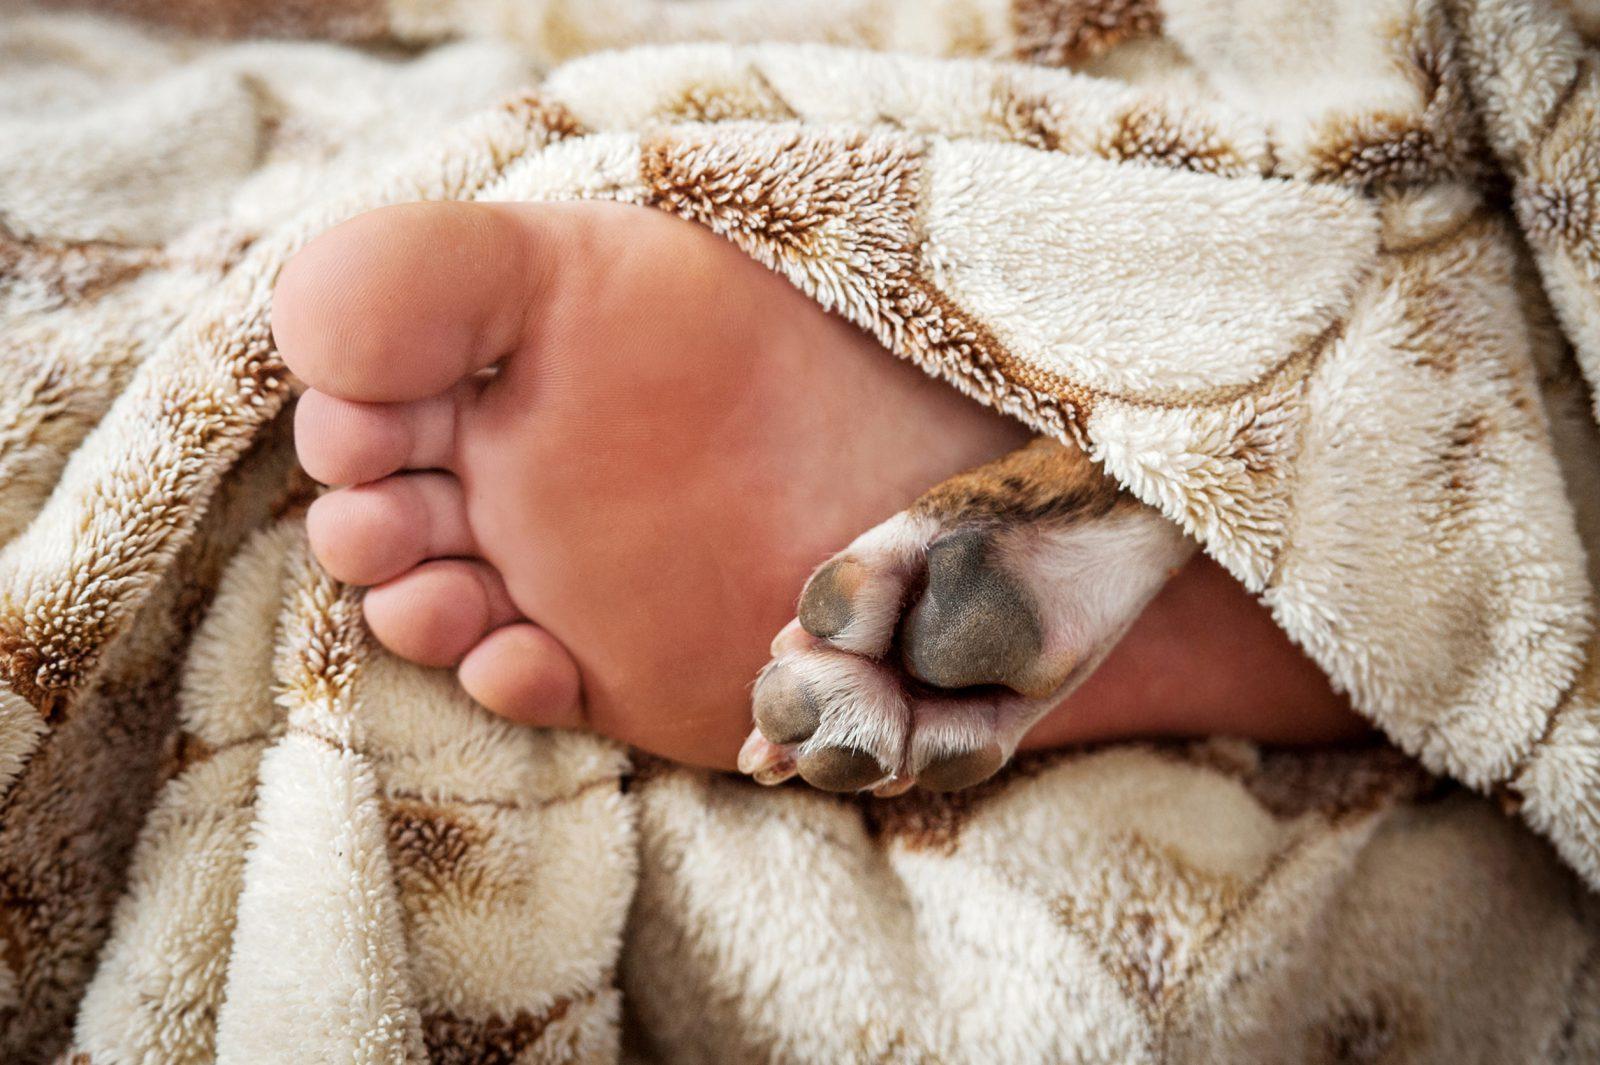 Dormir com cachorro: pessoa deitada na cama com cachorro mostrando os pés e as patas debaixo do cobertor.